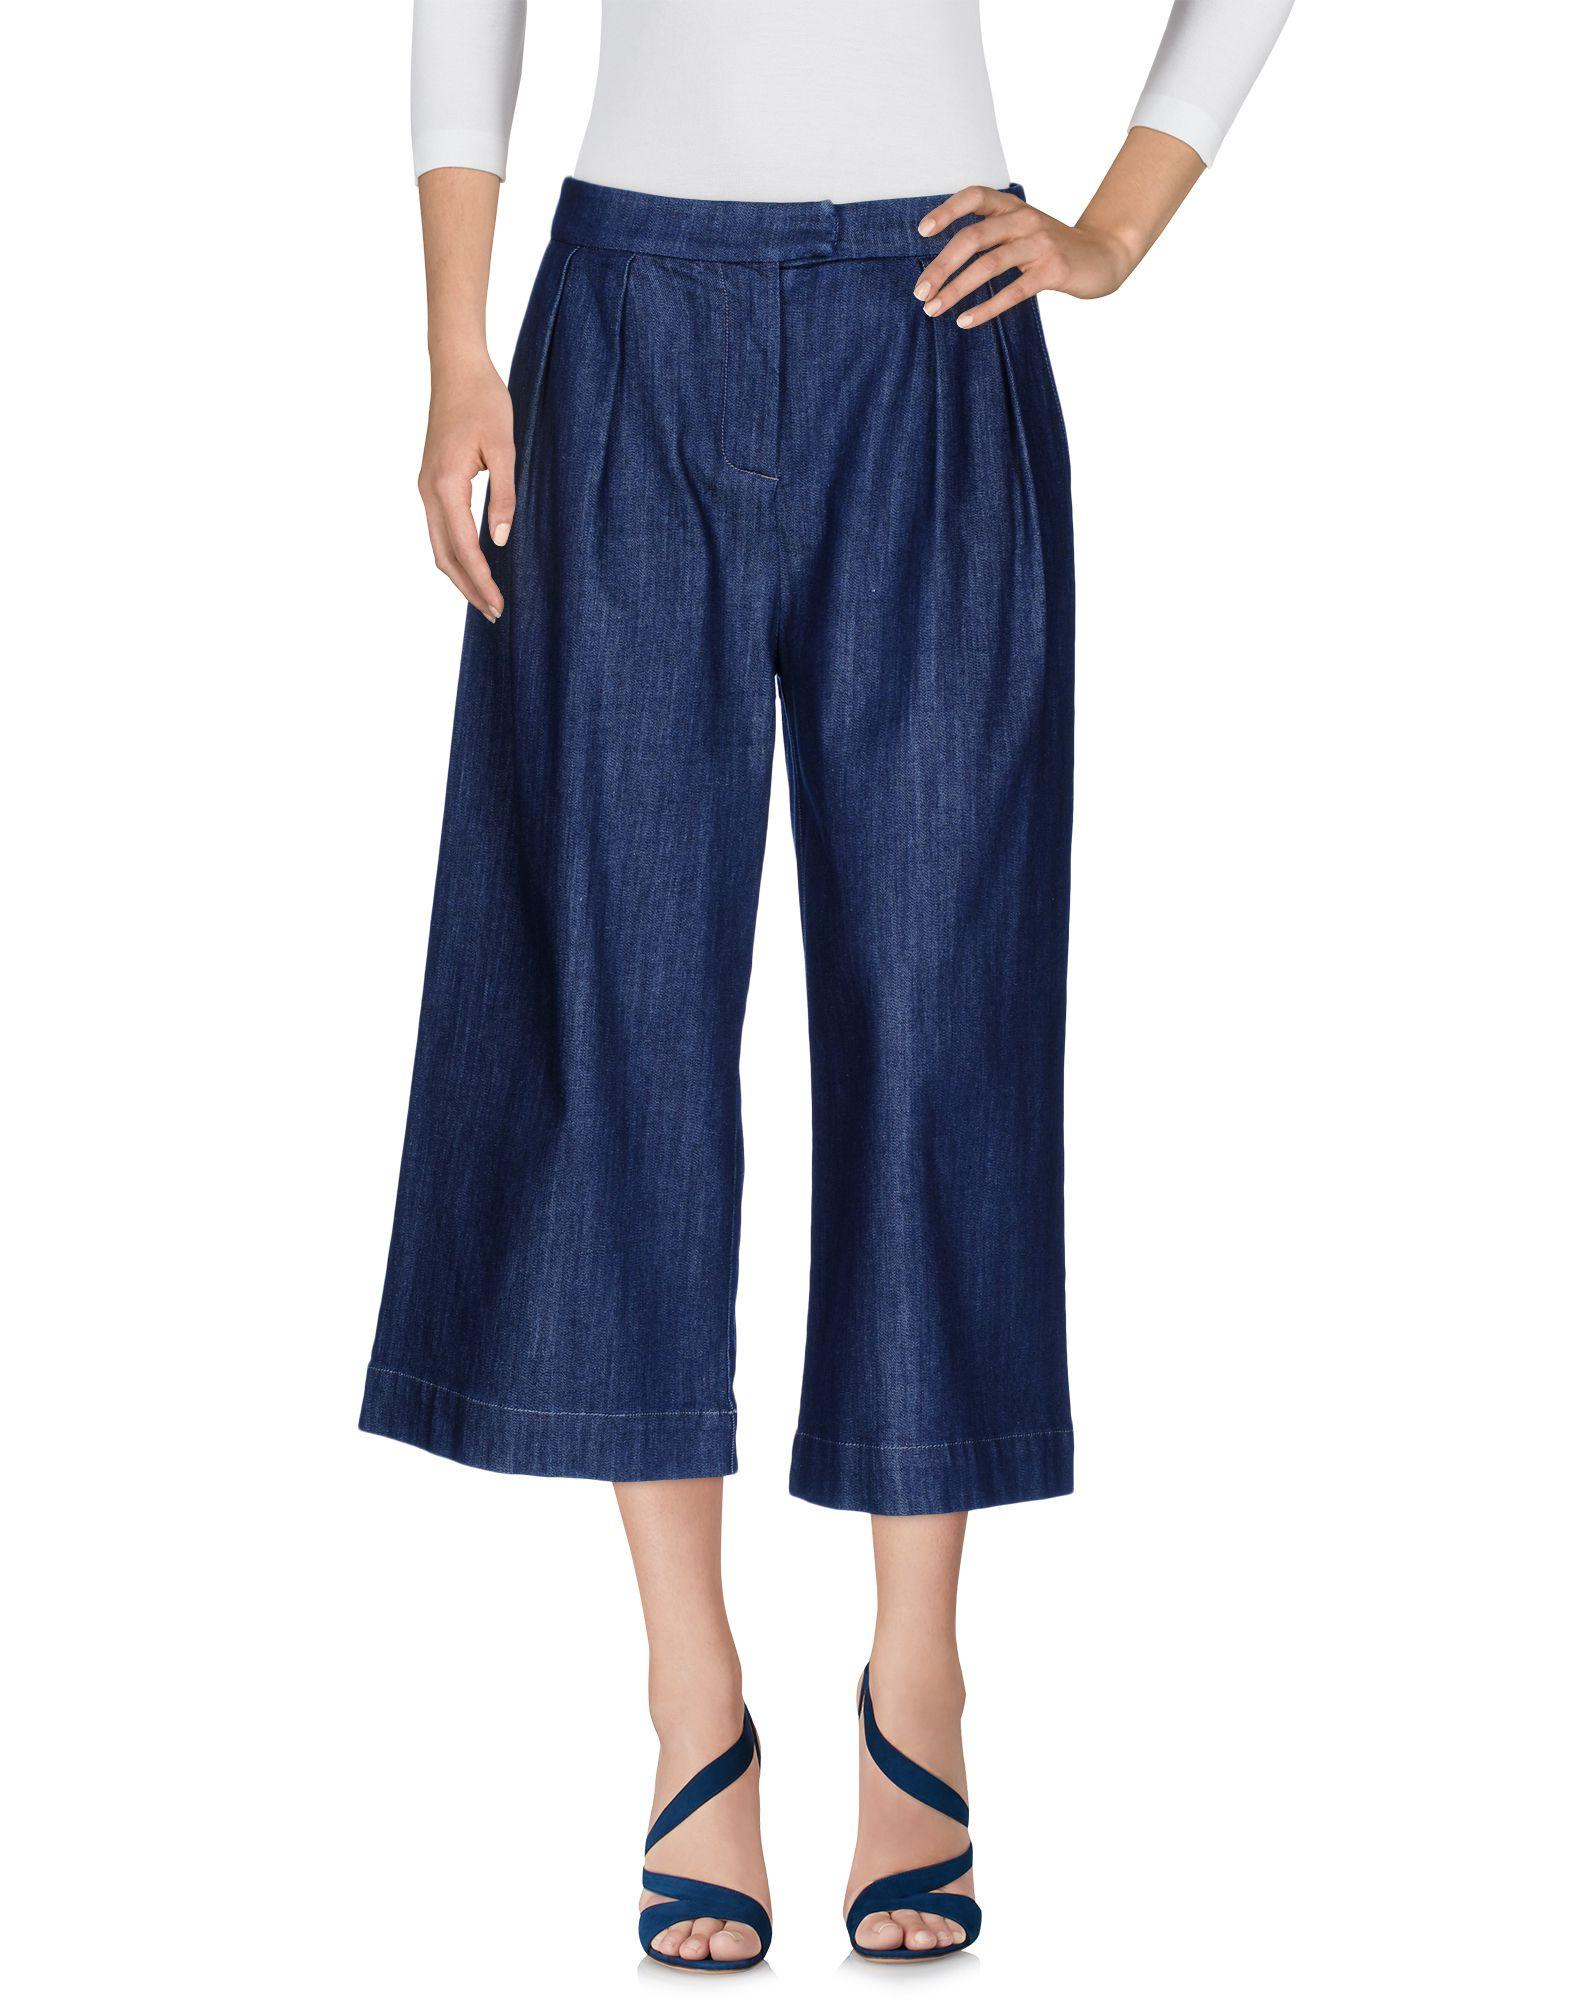 Les FemmesAcheter À Chevaux Pantalon Ligne Erika jeans En n08Nwvm